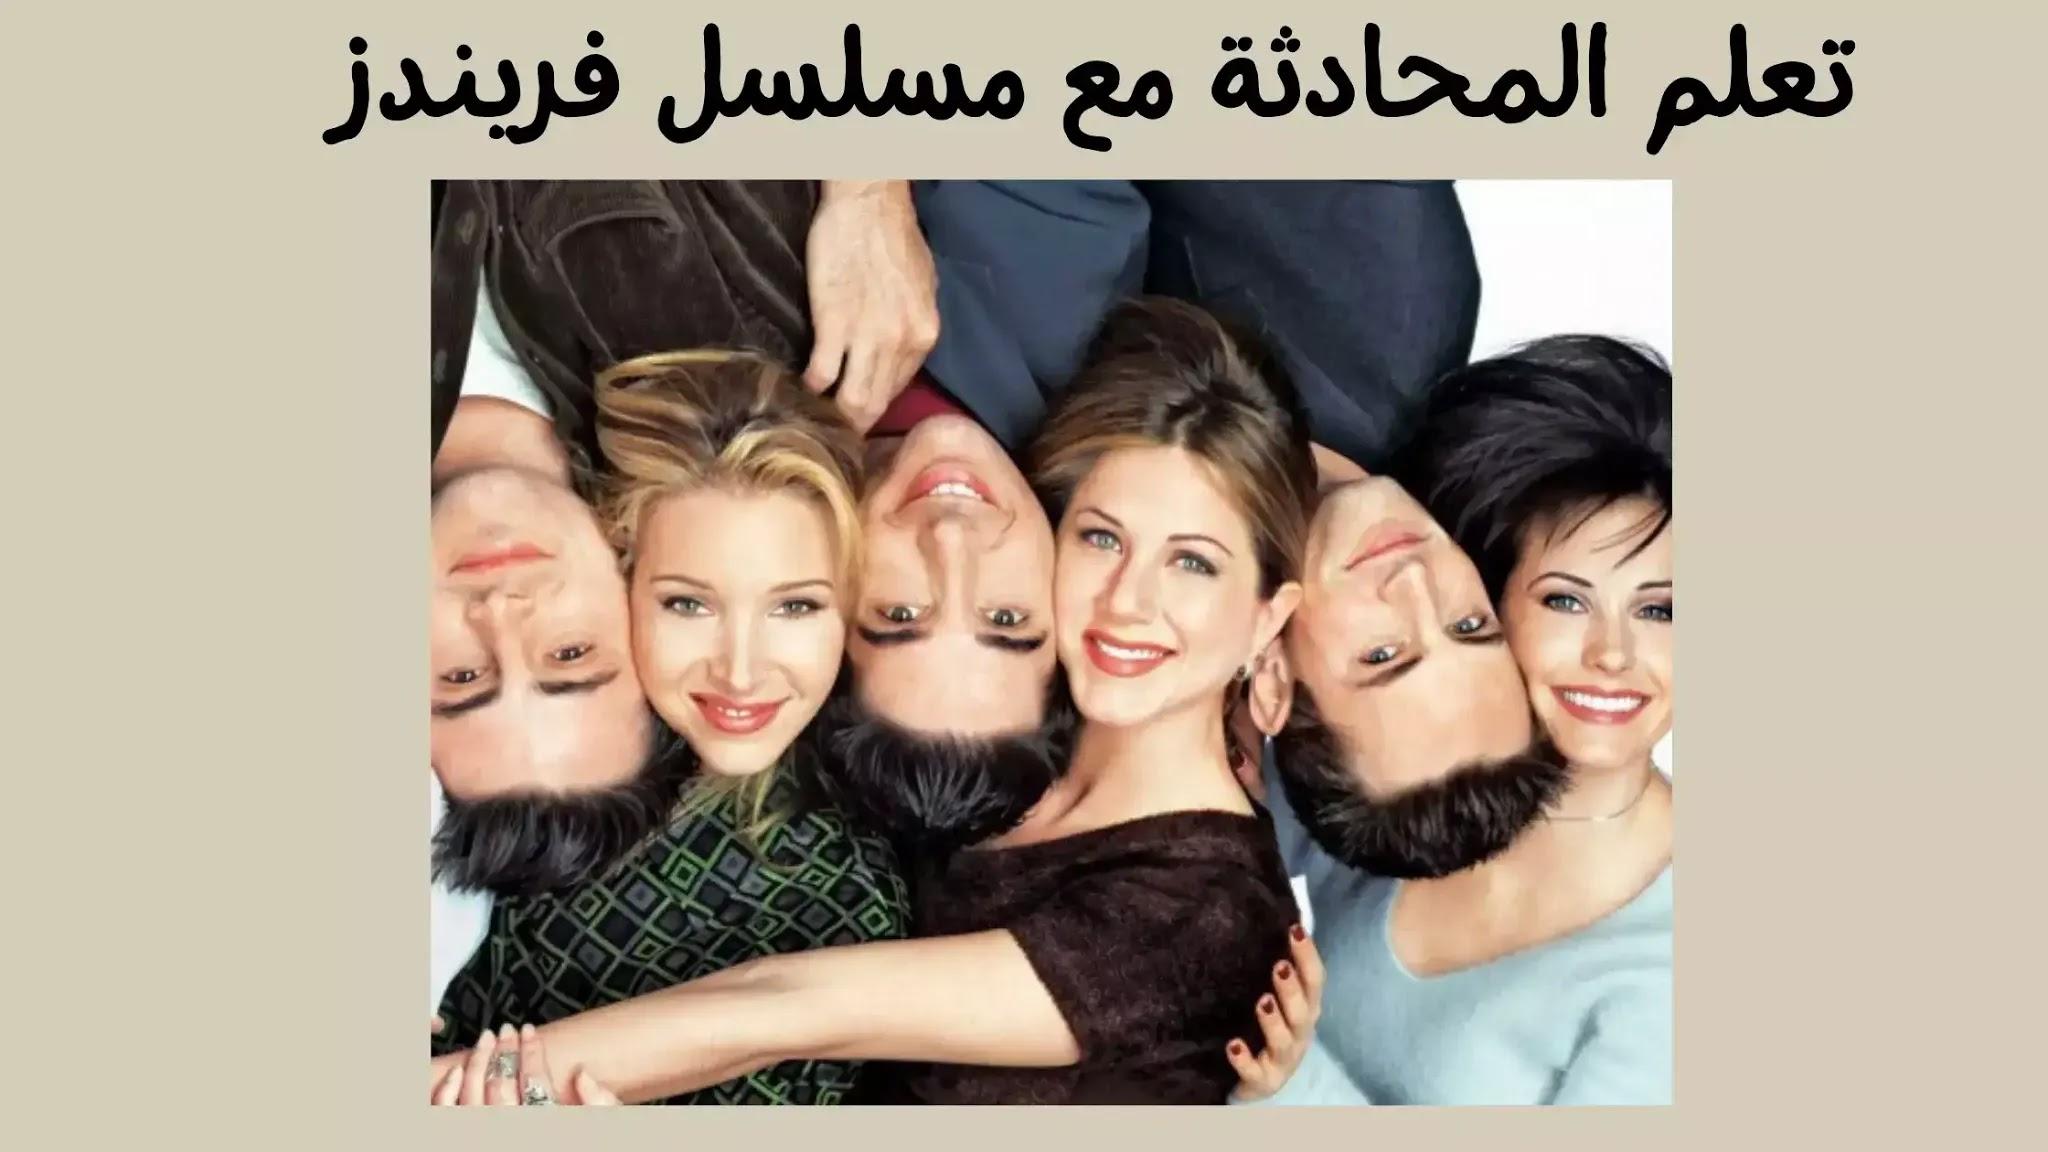 عبارات لتعلم الانجليزية من مسلسل فريندز Friends